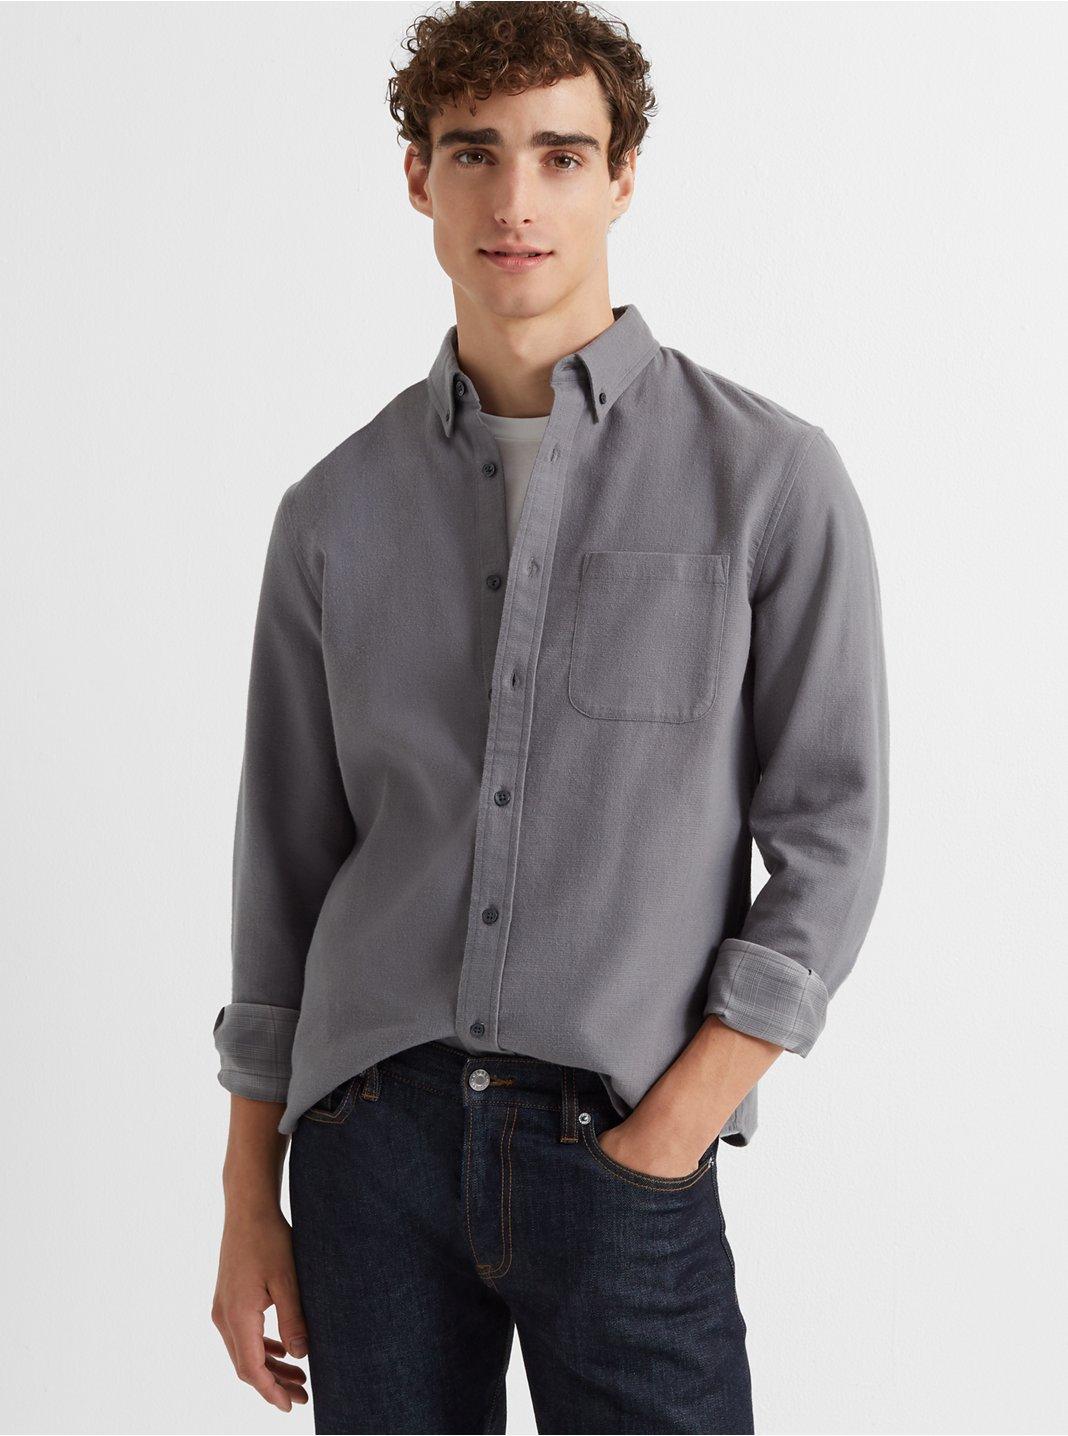 클럽 모나코 슬림 더블 페이스드 그리드 셔츠 - 2 컬러 ('날 녹여주오' 지창욱 착용) Club Monaco Slim Double-Faced Grid Shirt